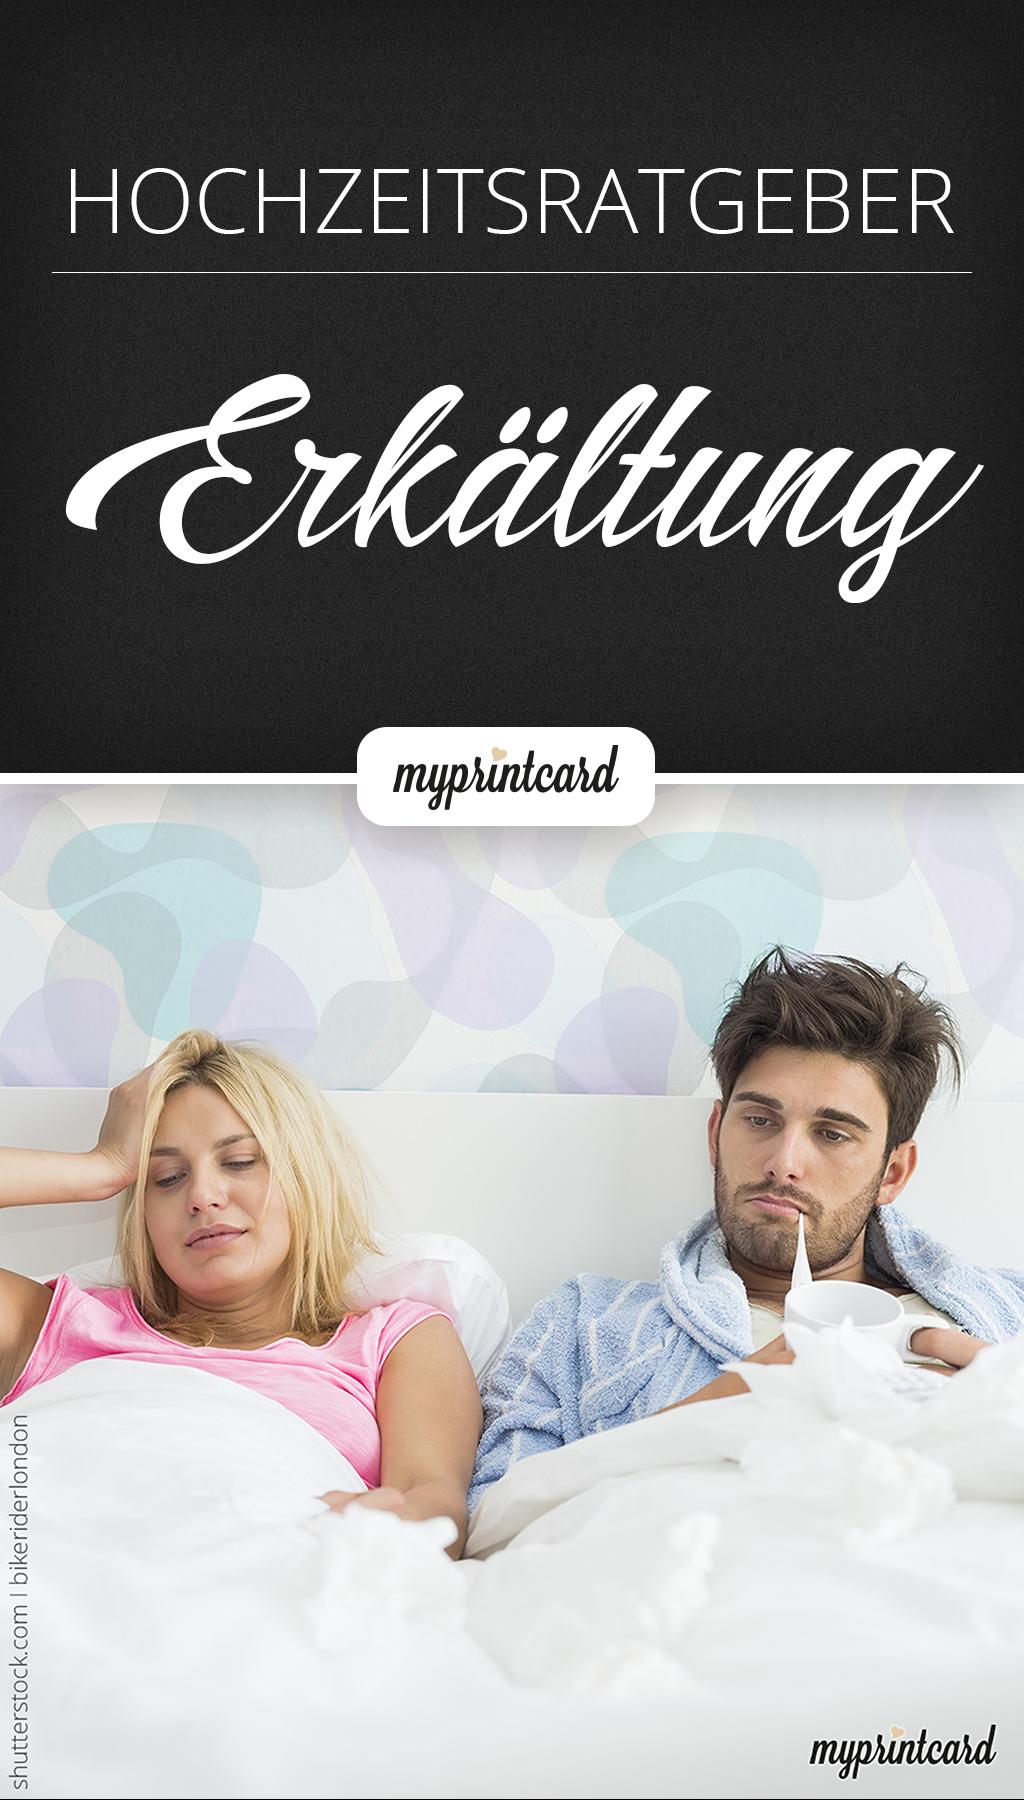 3 Schnelle Wege Um Die Erkaltung Vor Der Hochzeit Loszuwerden